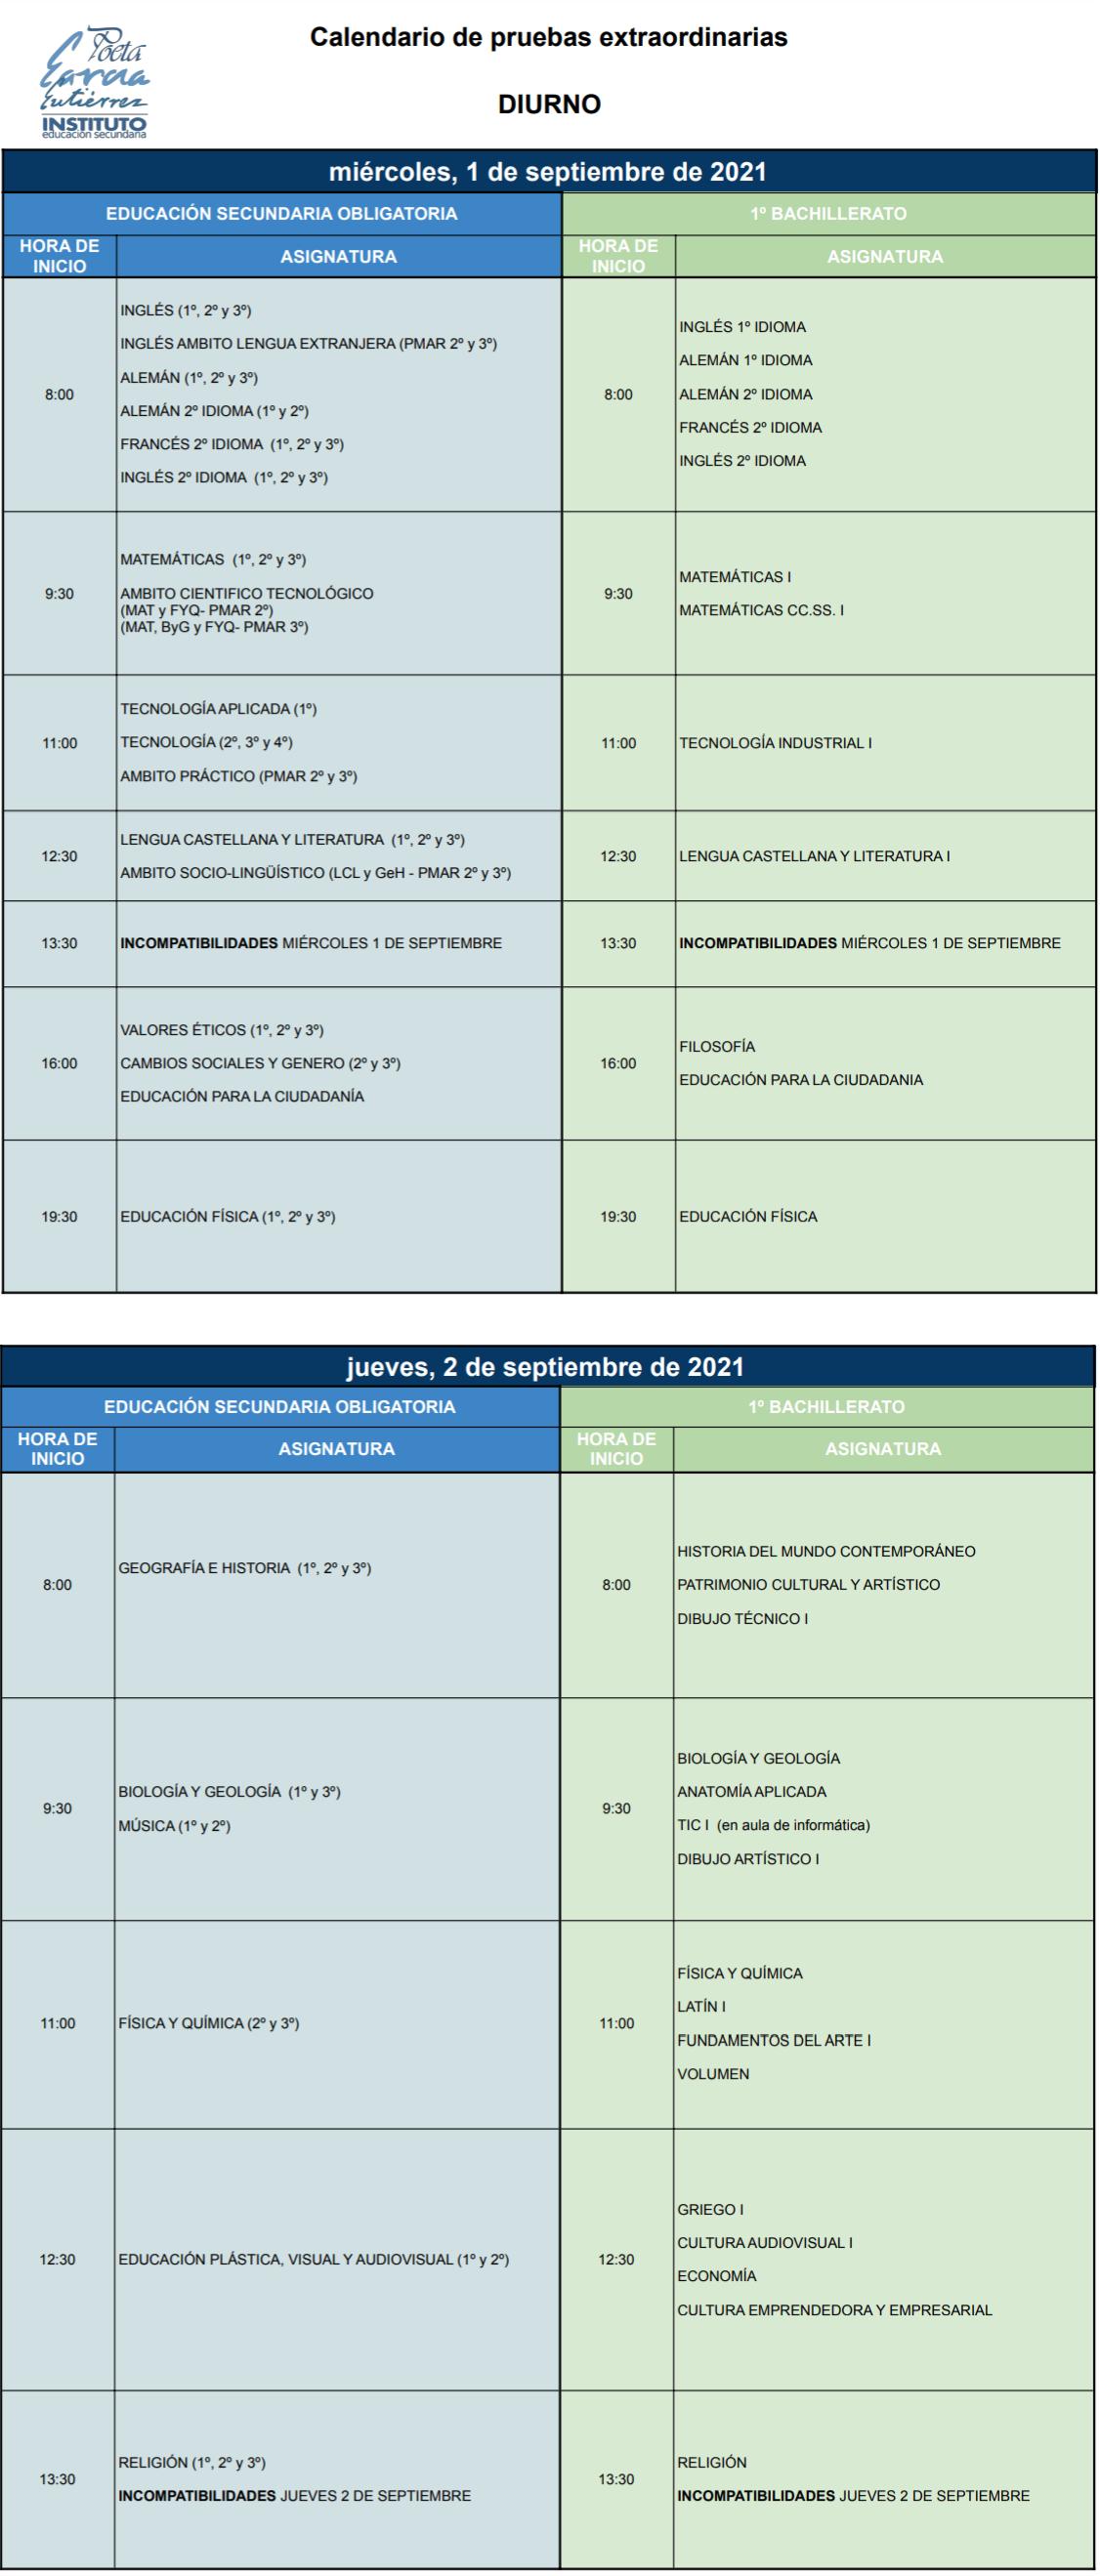 Imagen de la noticia: Calendario para las pruebas extraordinarias de septiembre 2020-2021. [Diurno]  [Actualizado]